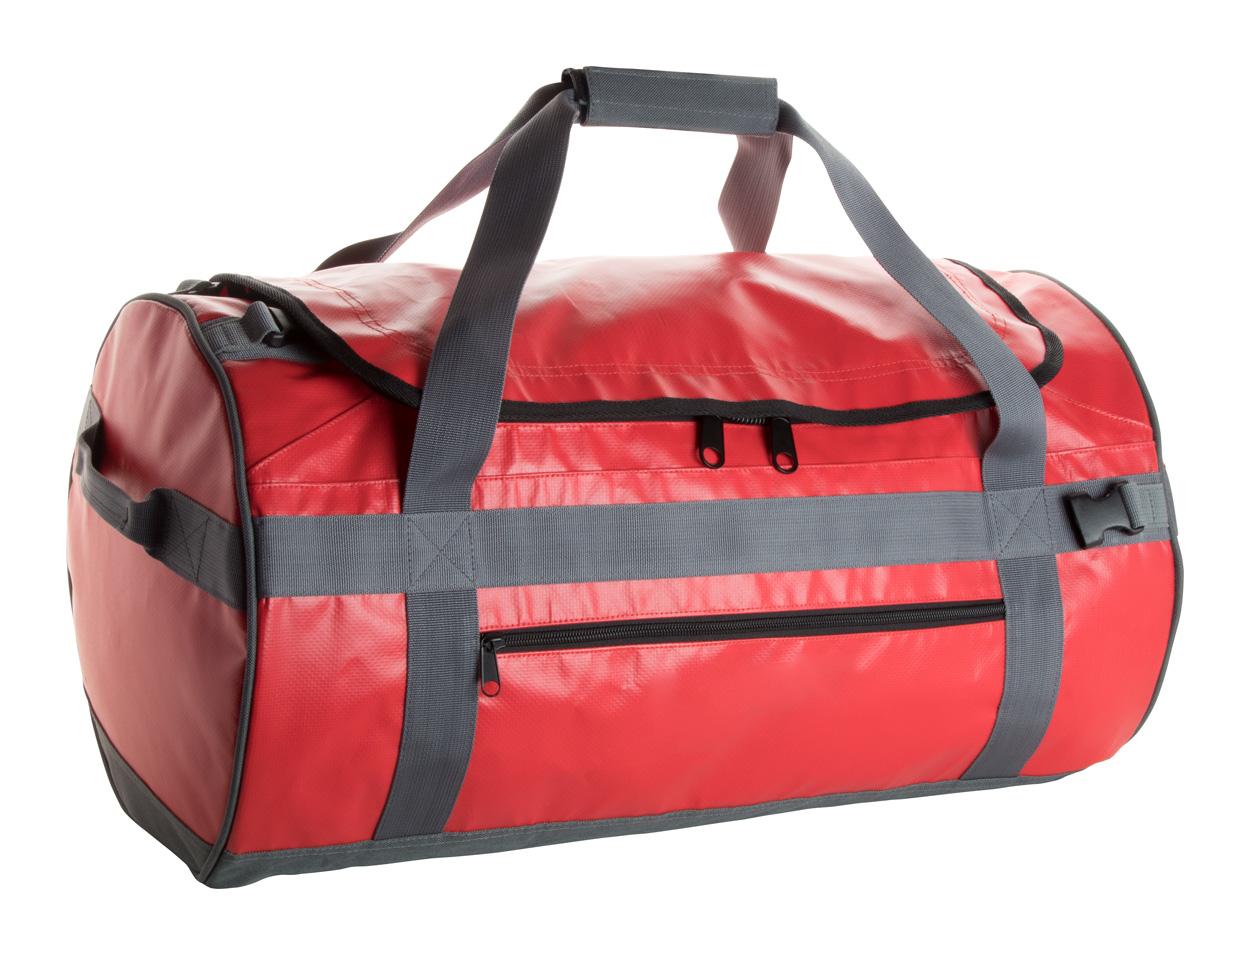 Mainsail sac de sport / sac à dos